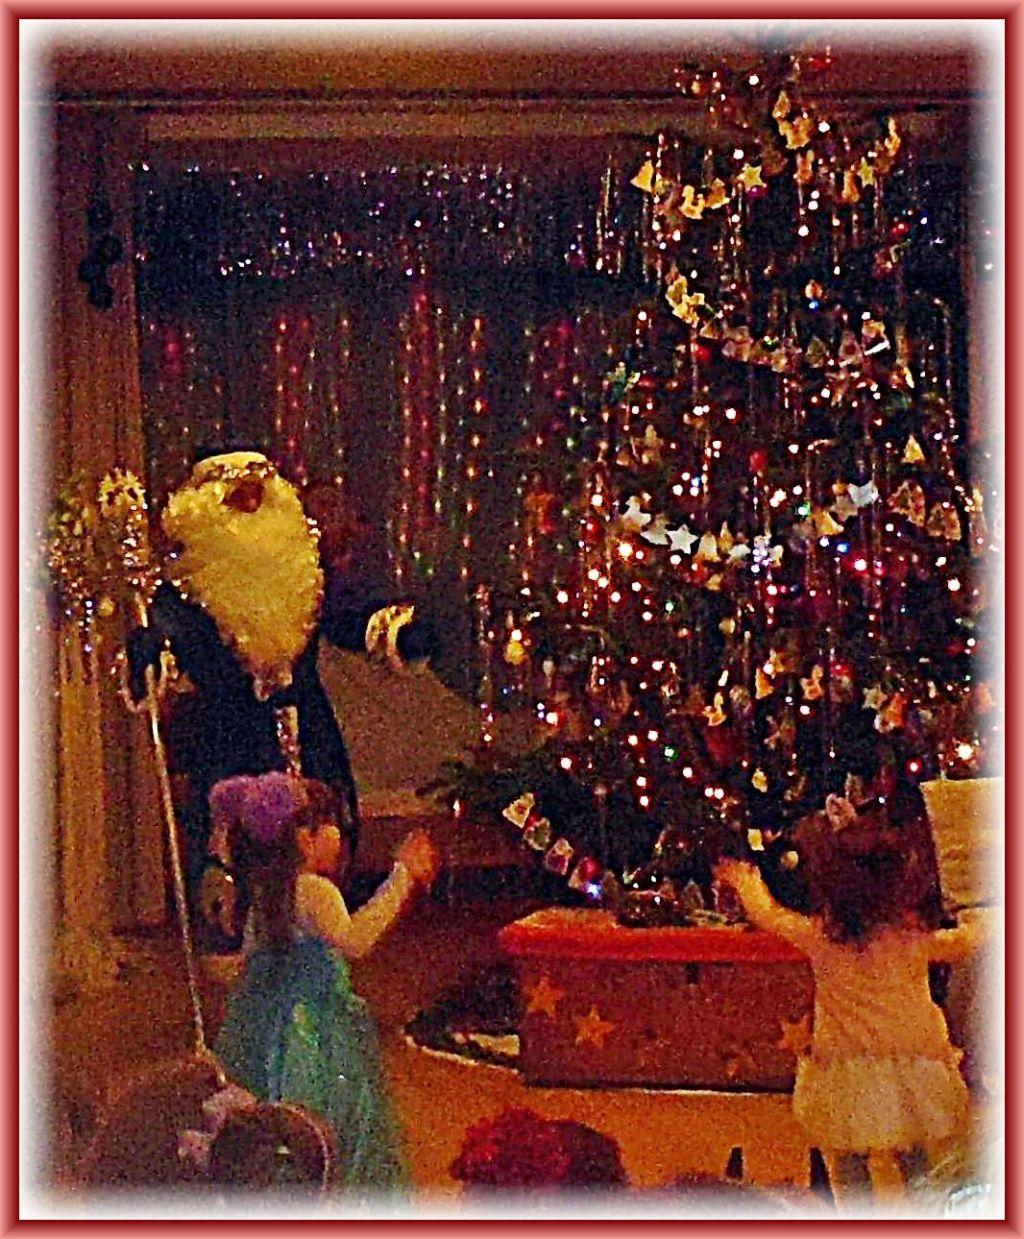 Russische Weihnachtsgedichte Für Kinder.Russische Silvesterfeier Für Kinder